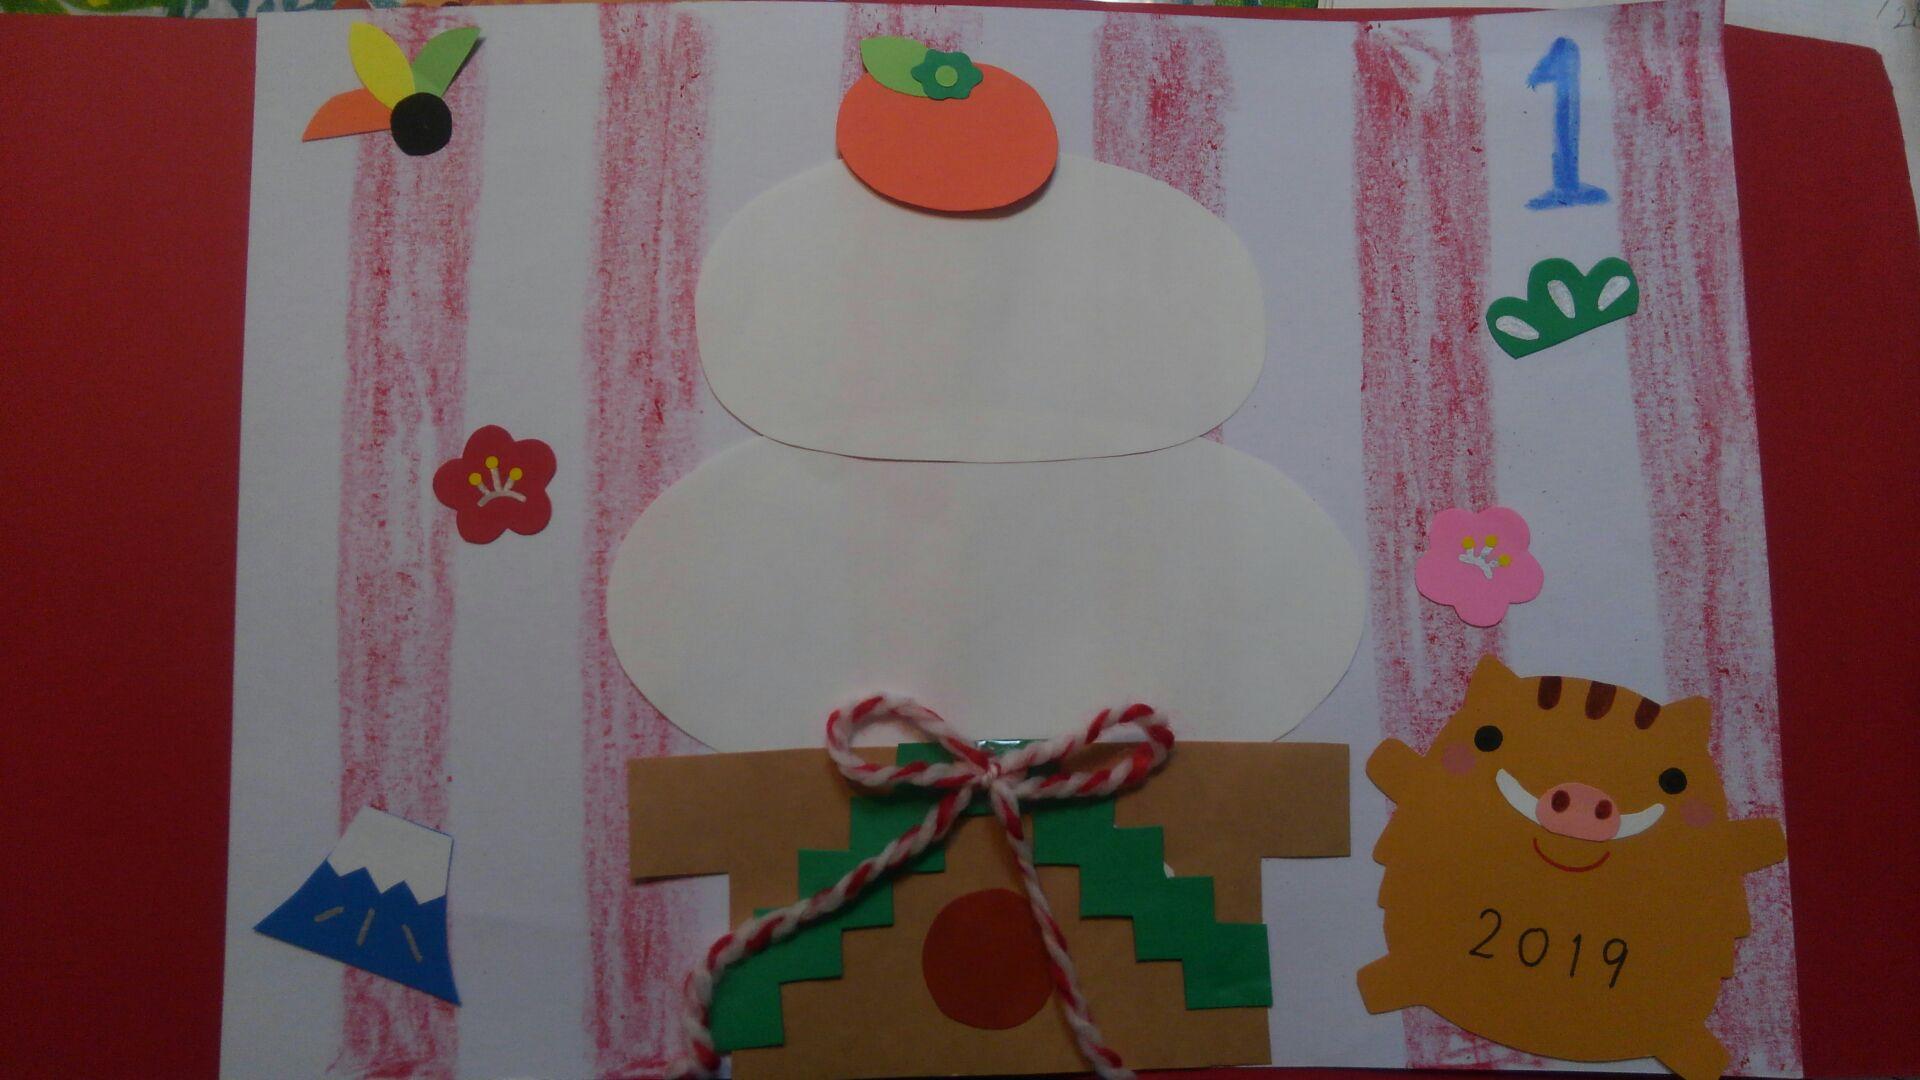 鏡餅・羽根つき・富士山・いのししさんのイラスト。造形で製作された1月のカレンダーとなっている。